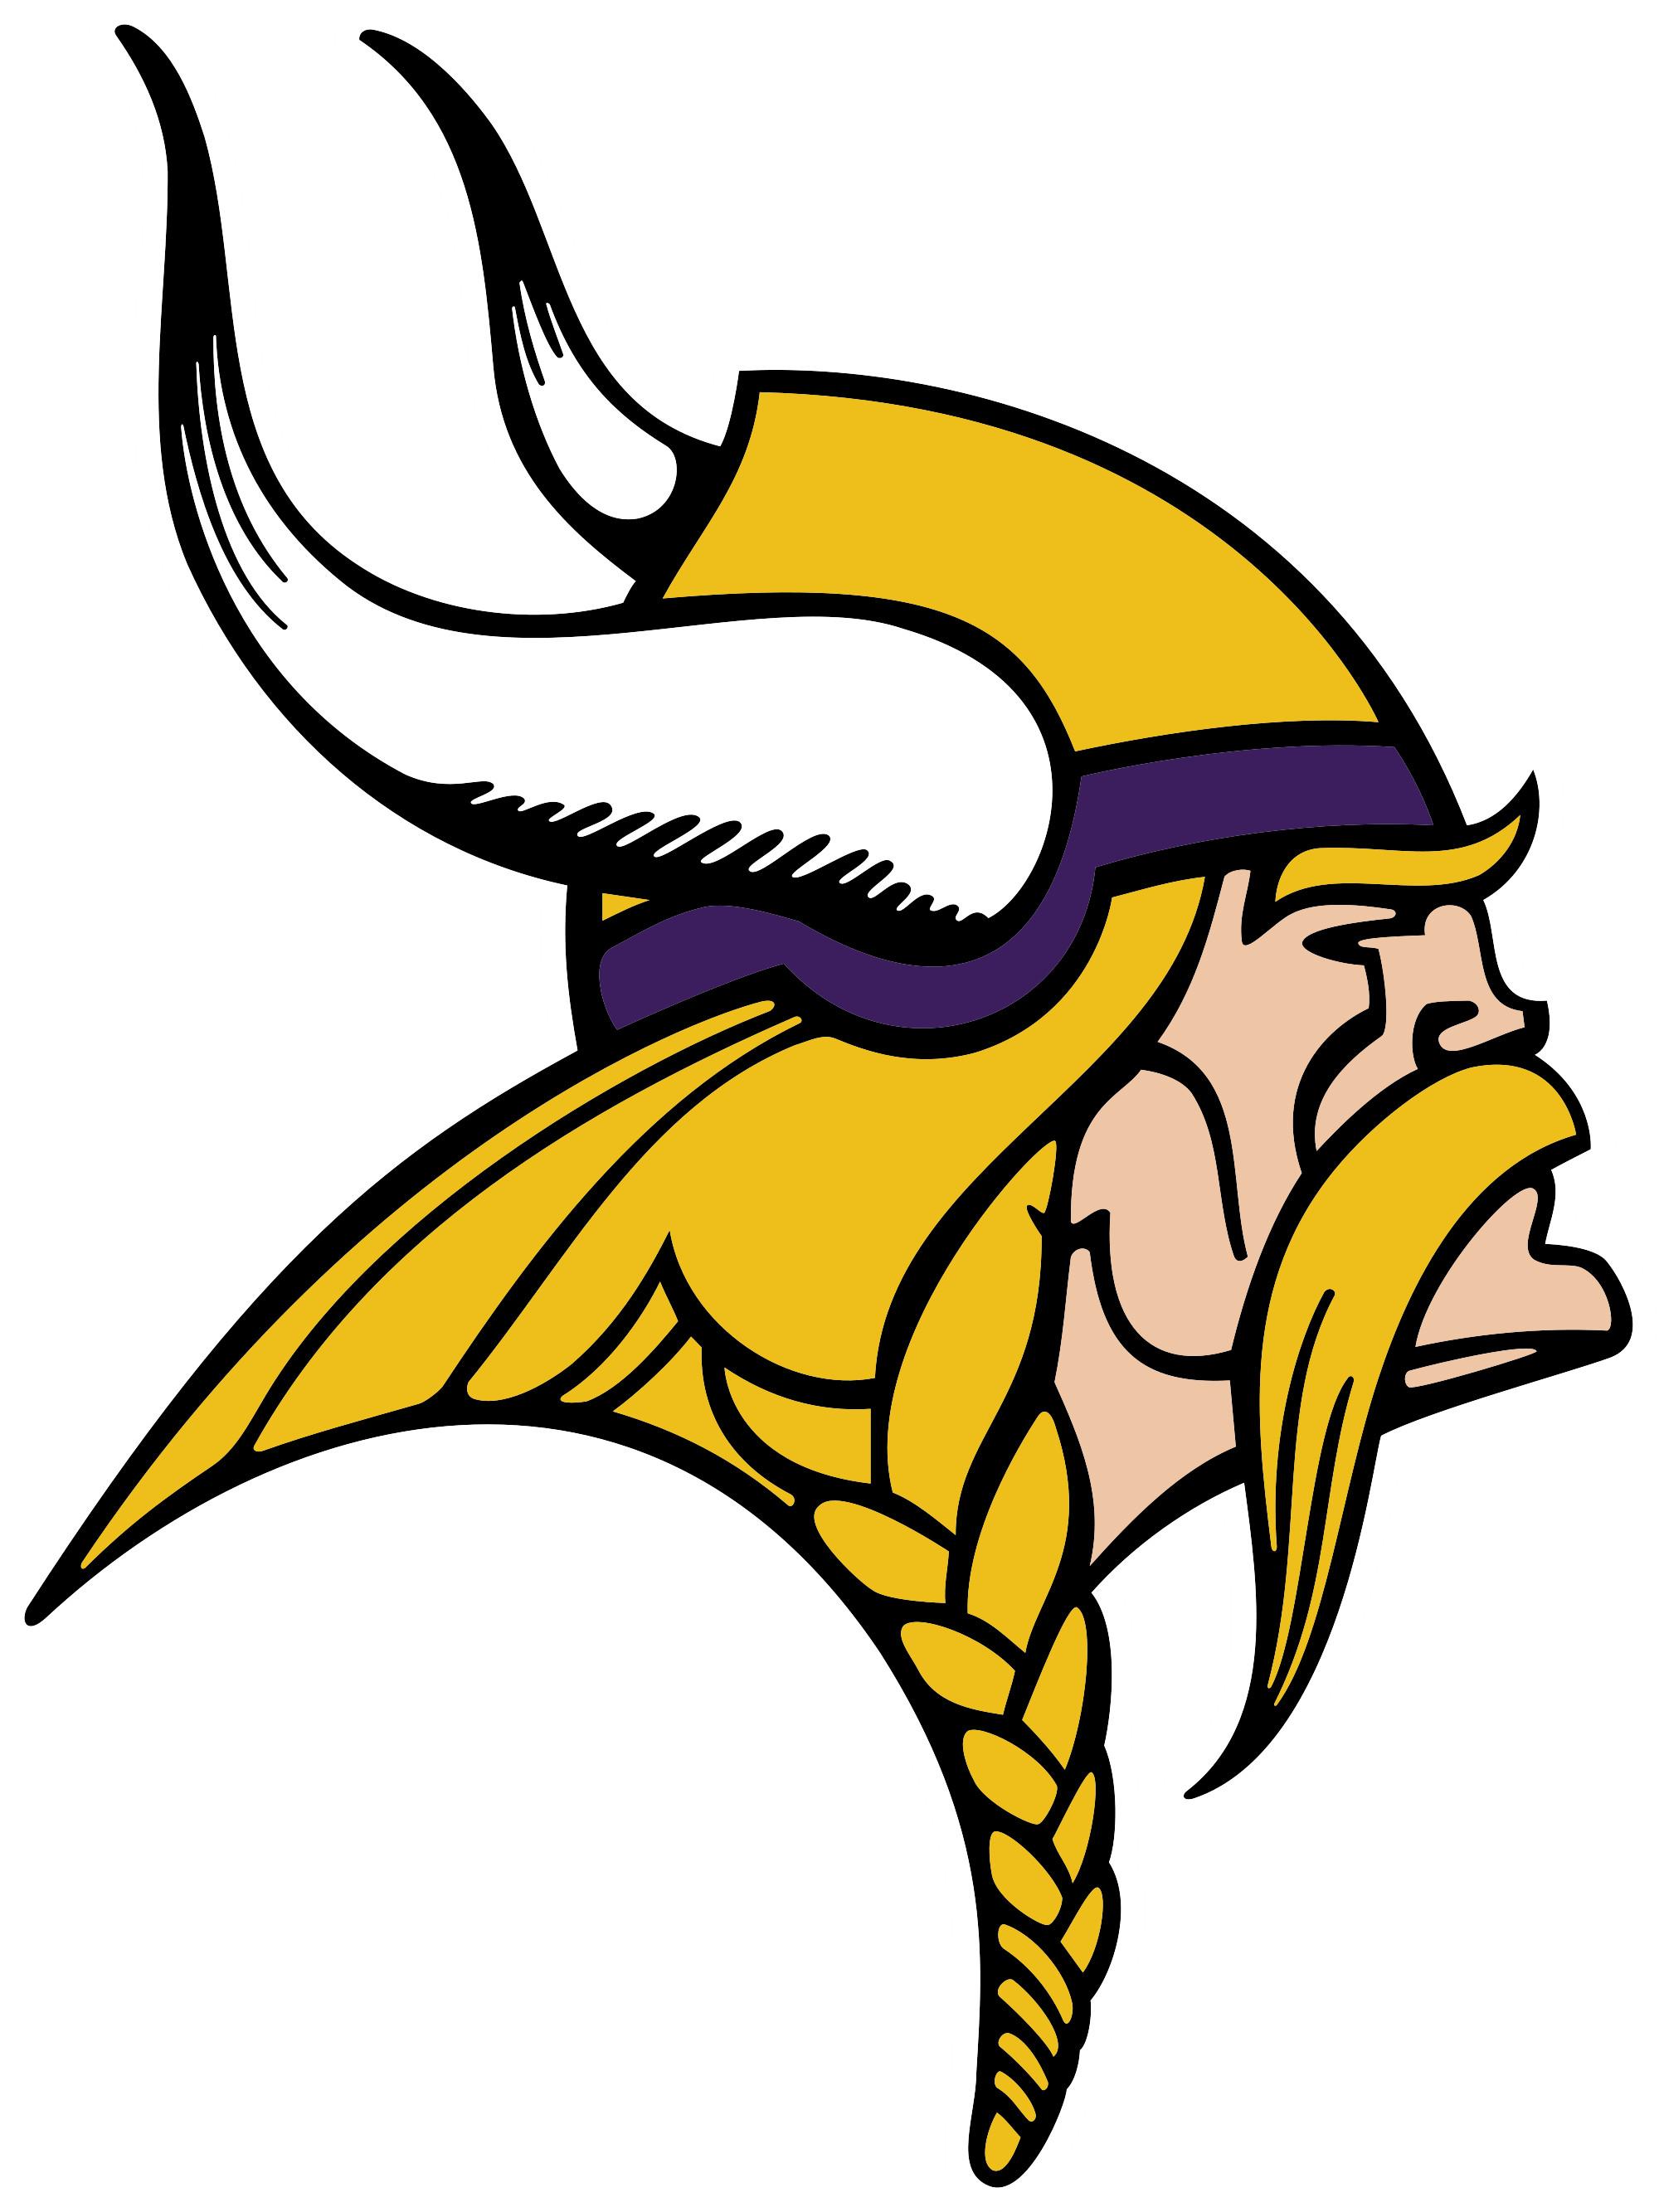 Images For > Minnesota Vikings New Logo Wallpaper